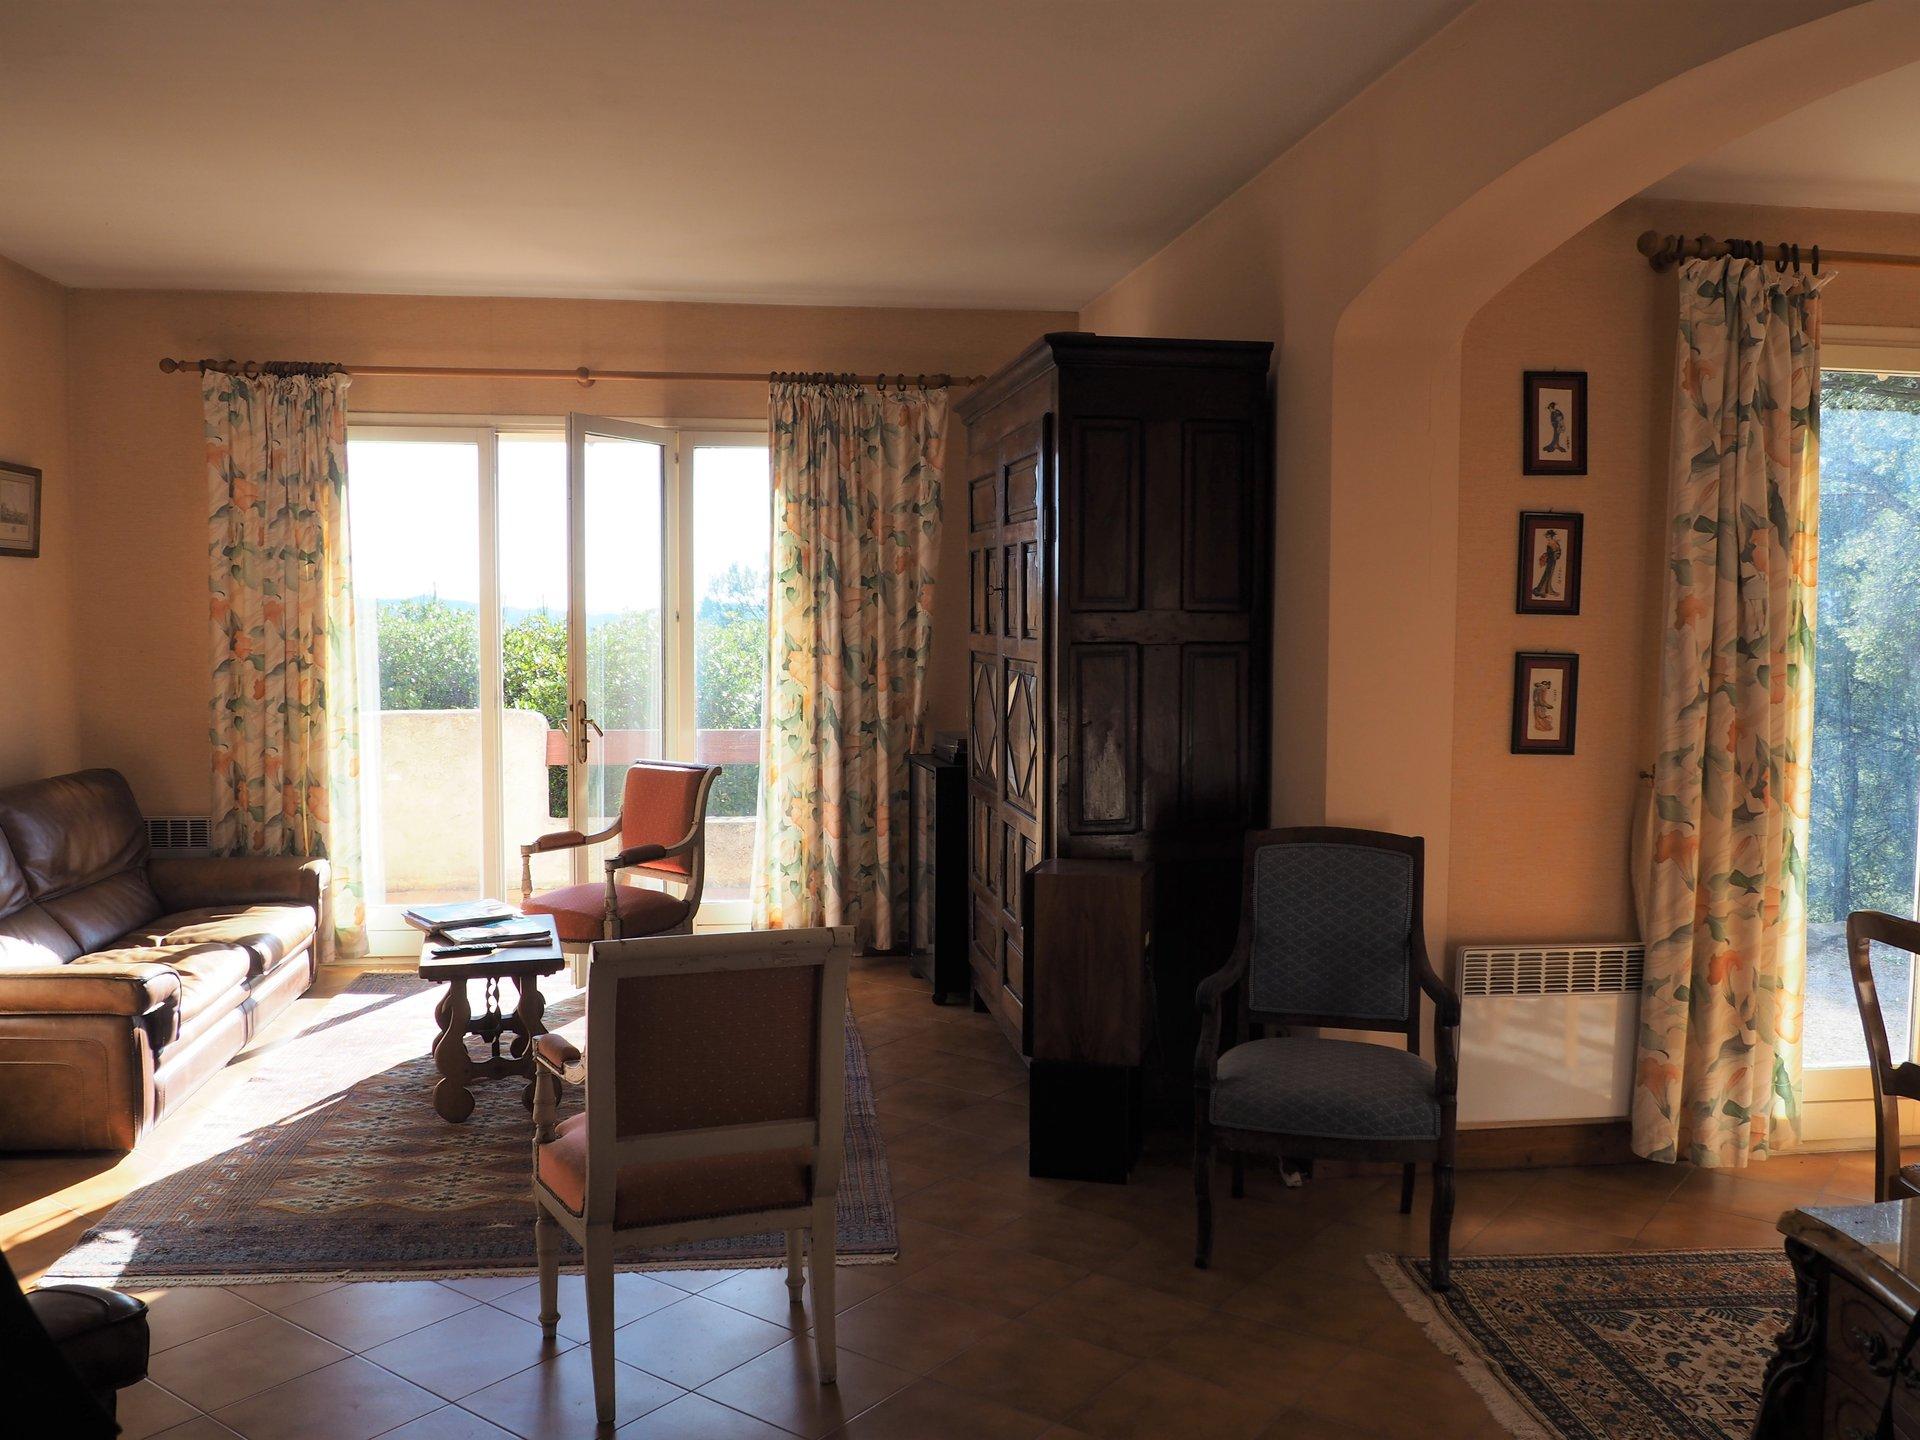 Ceyreste - Maison 135m² terrain 6700m² avec Vue mer